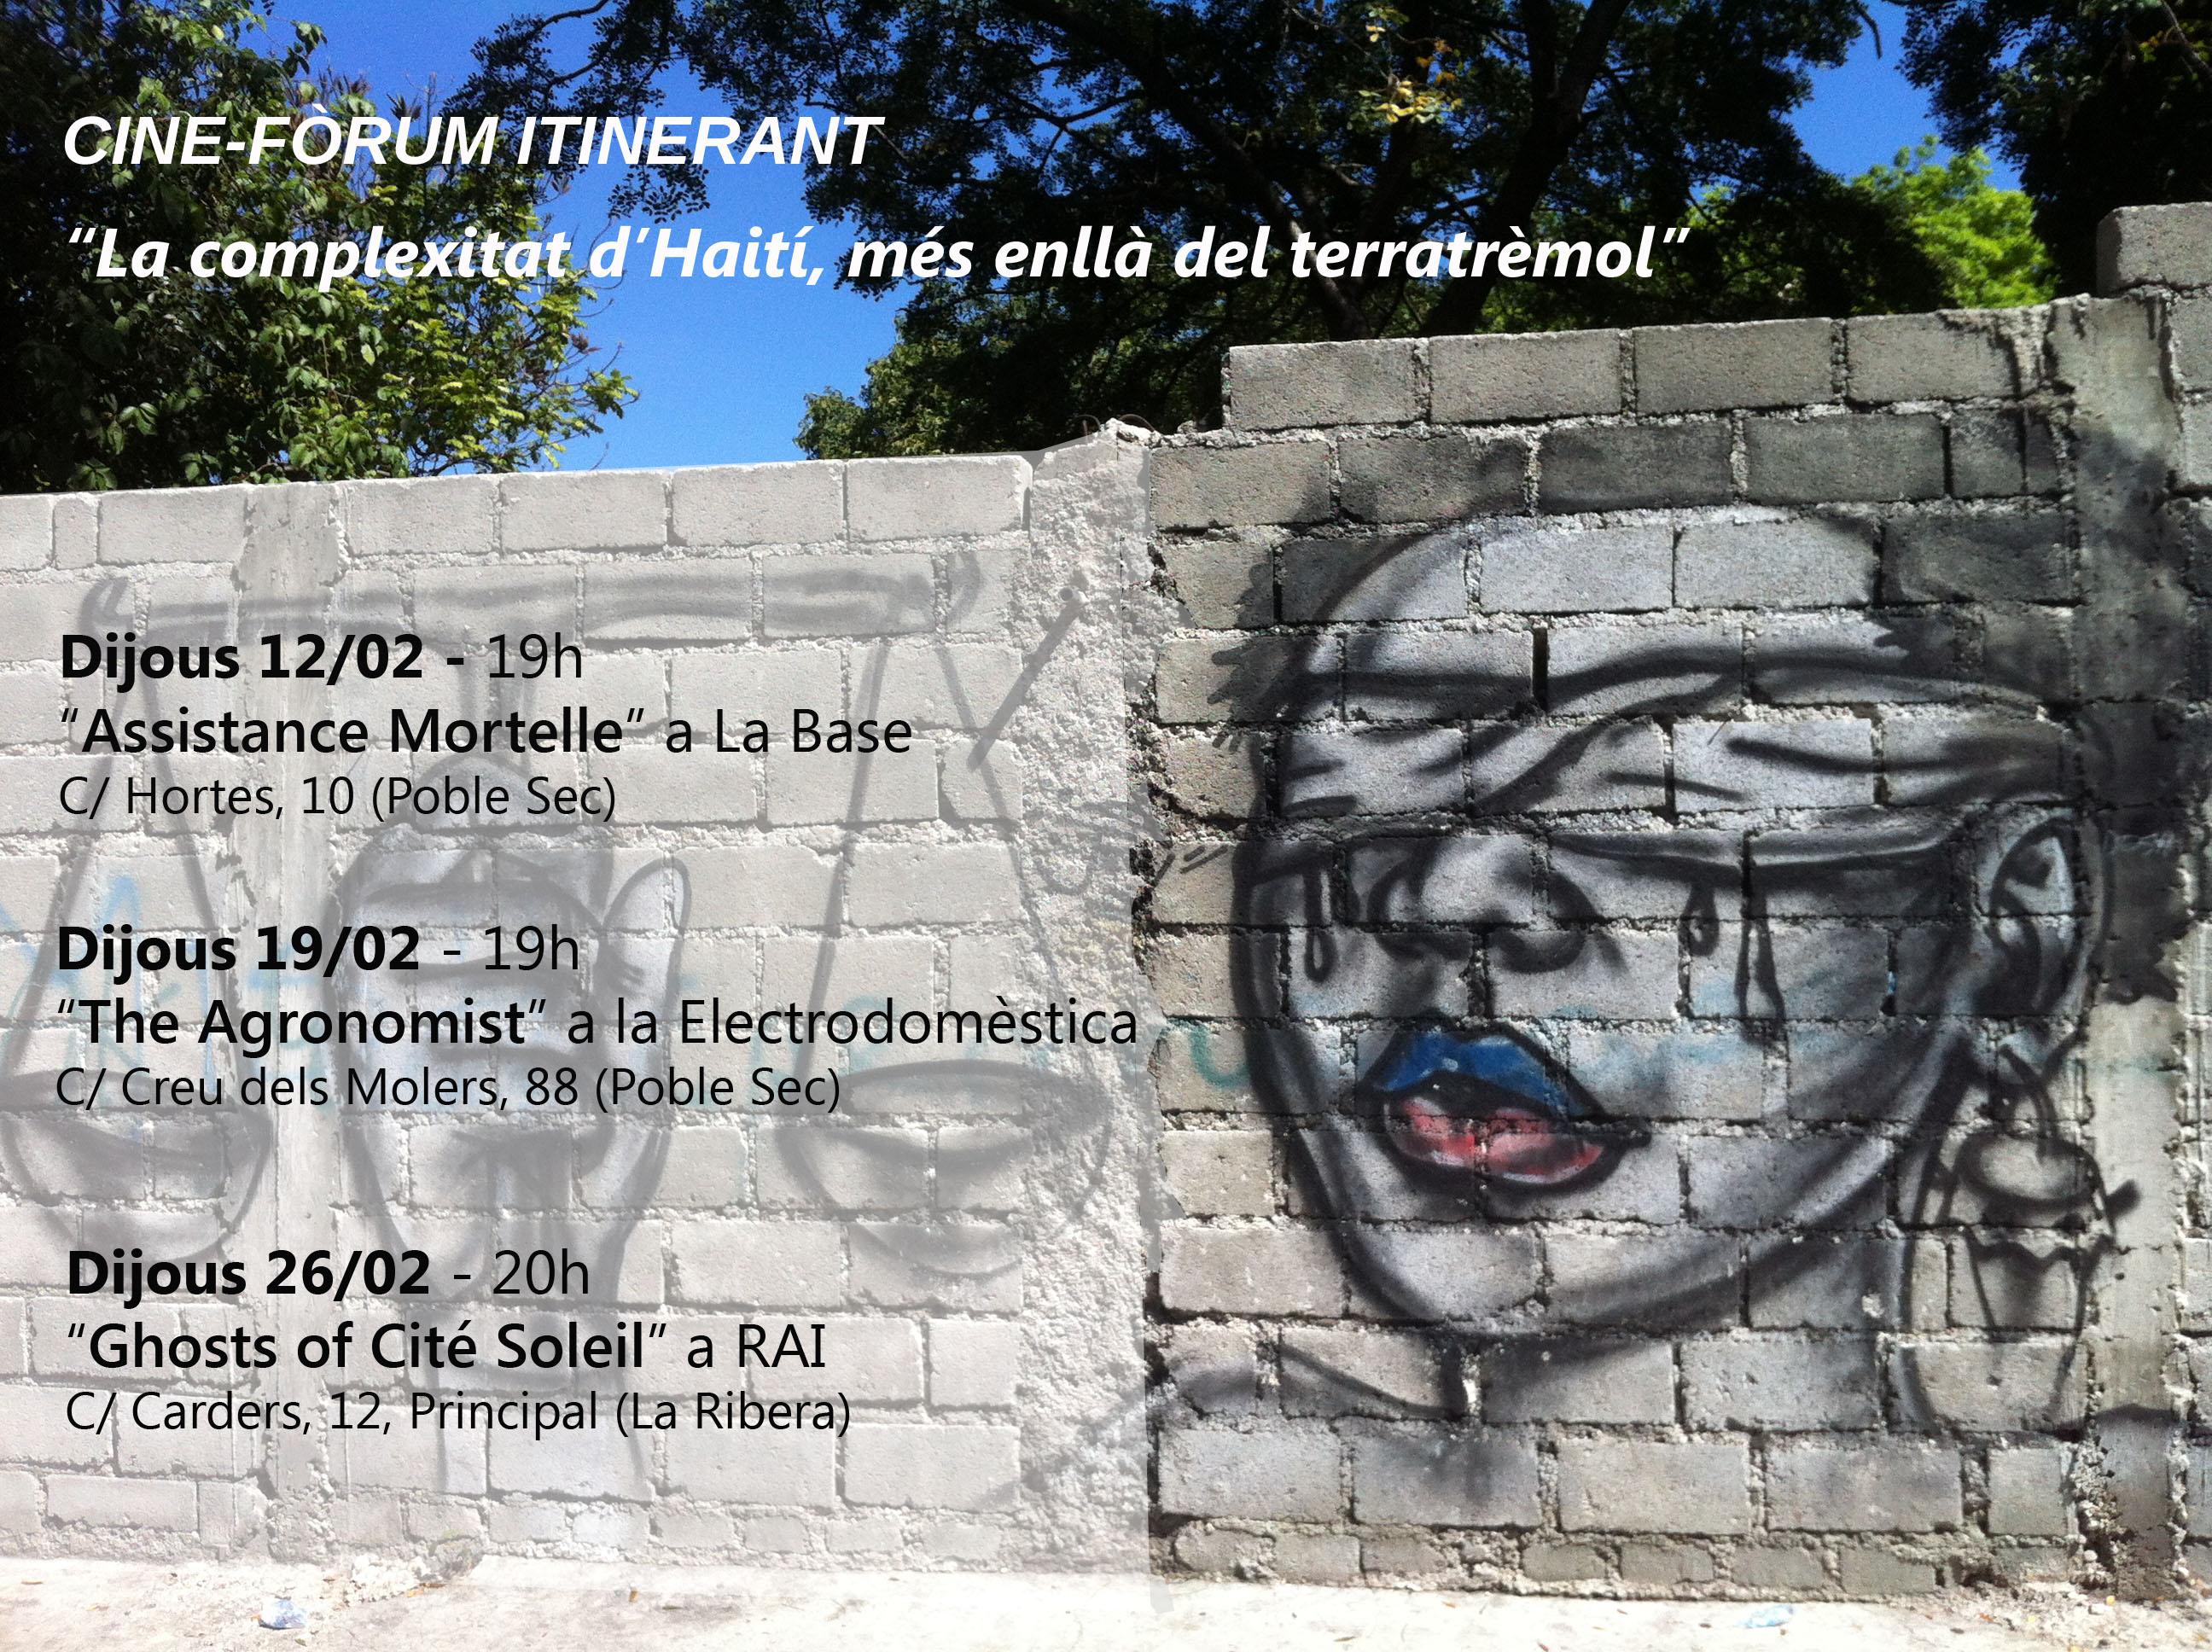 Cine-Forum Haití 2_3